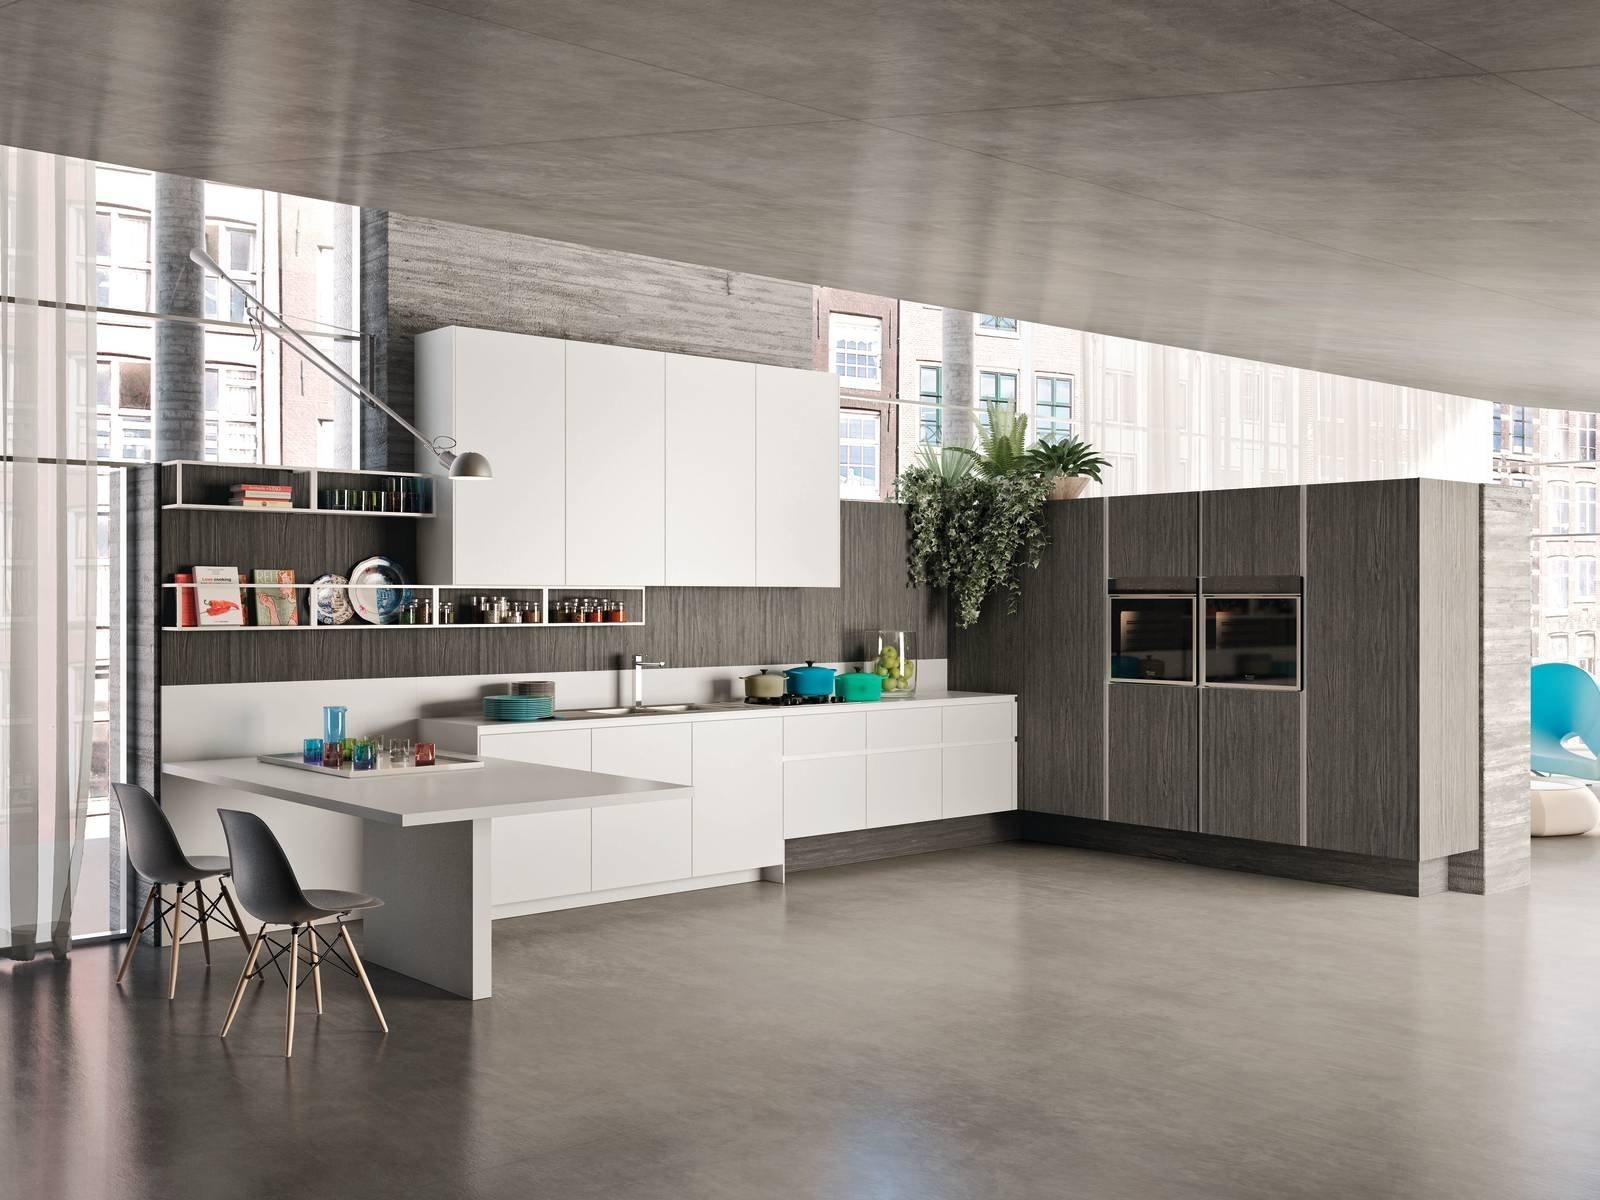 Eccezionale La cucina sotto la finestra: 12 composizioni cui ispirarsi - Cose  QB09